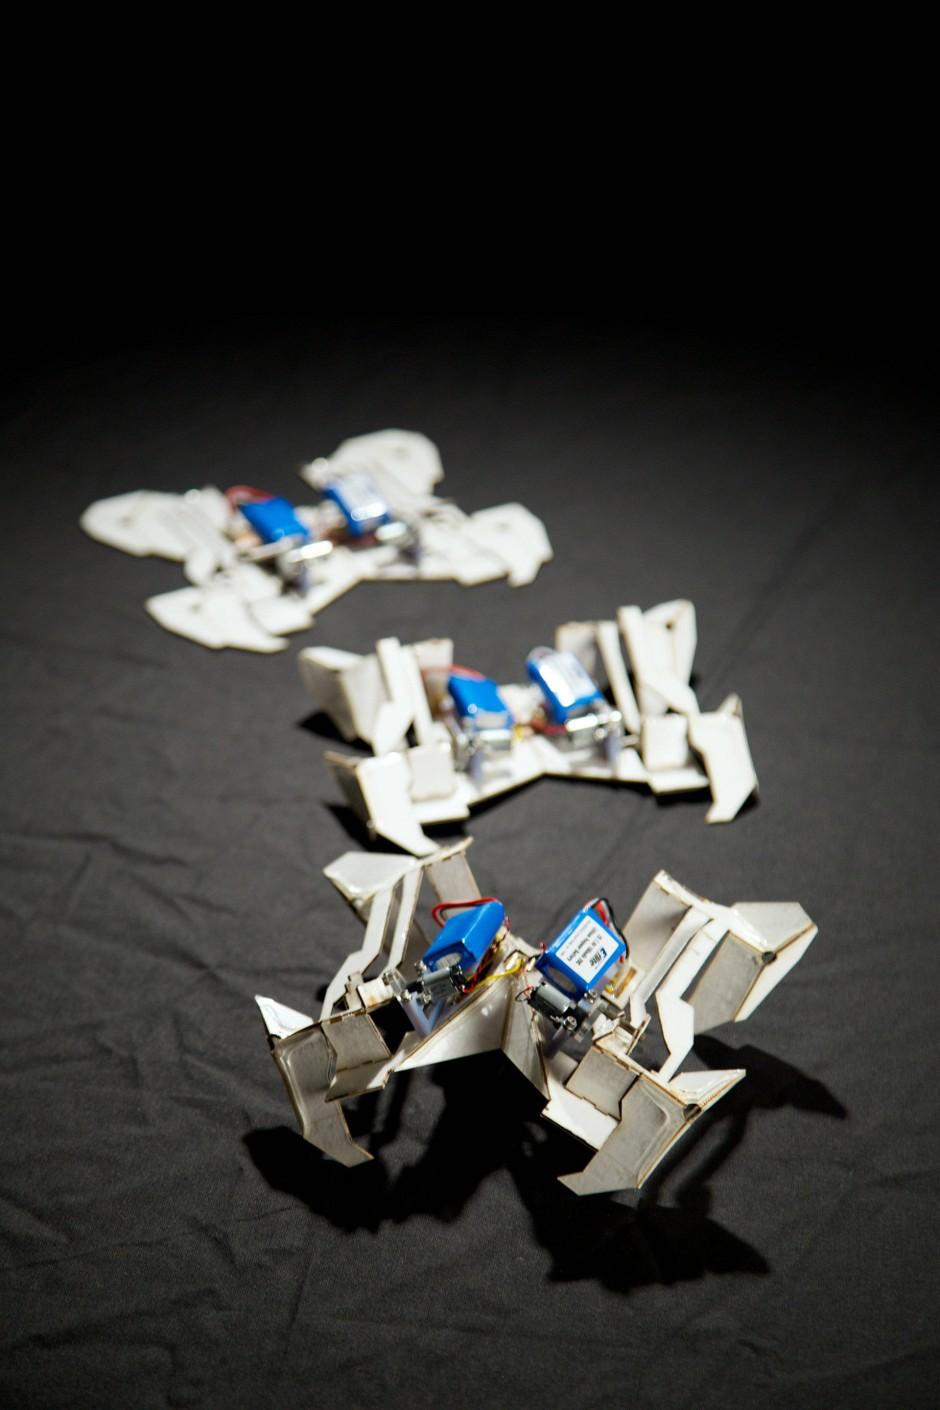 origamiroboter papierkrabbler erbaut sich selbst